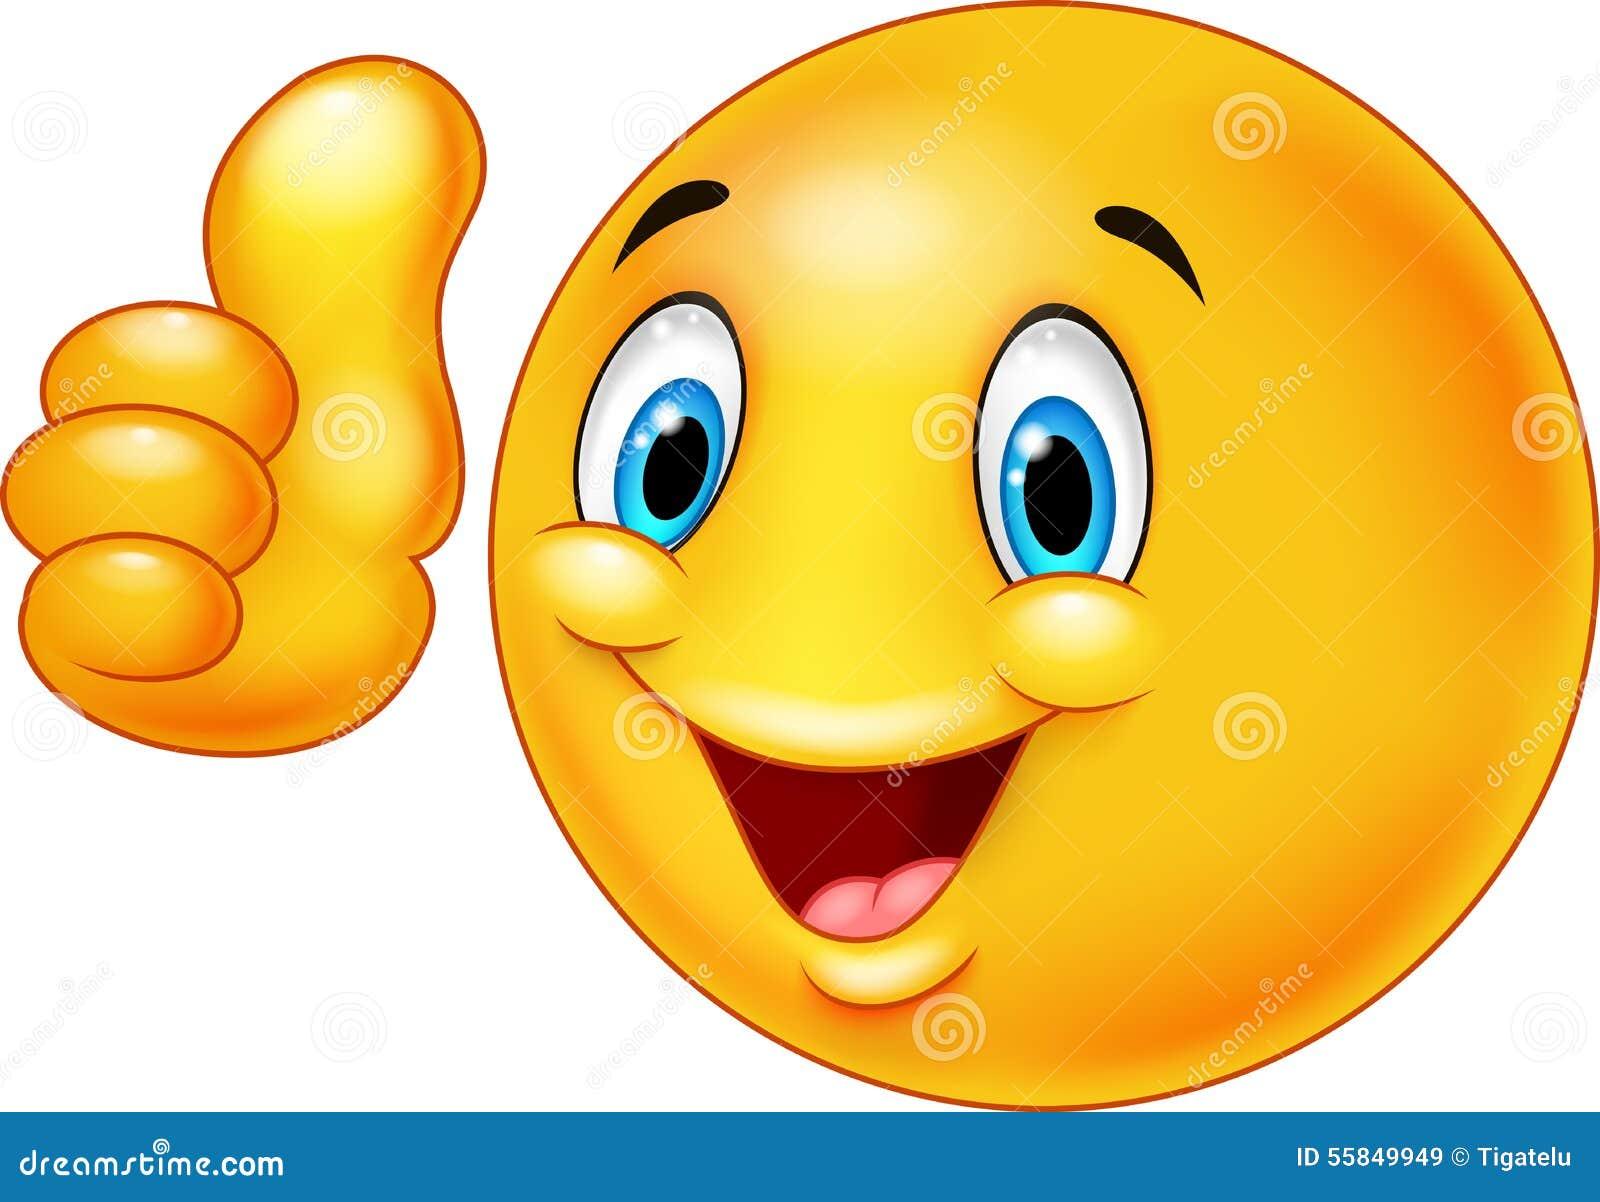 https://thumbs.dreamstime.com/z/bande-dessin%C3%A9e-souriante-heureuse-d-%C3%A9motic-ne-renon%C3%A7ant-%C3%A0-des-pouces-55849949.jpg